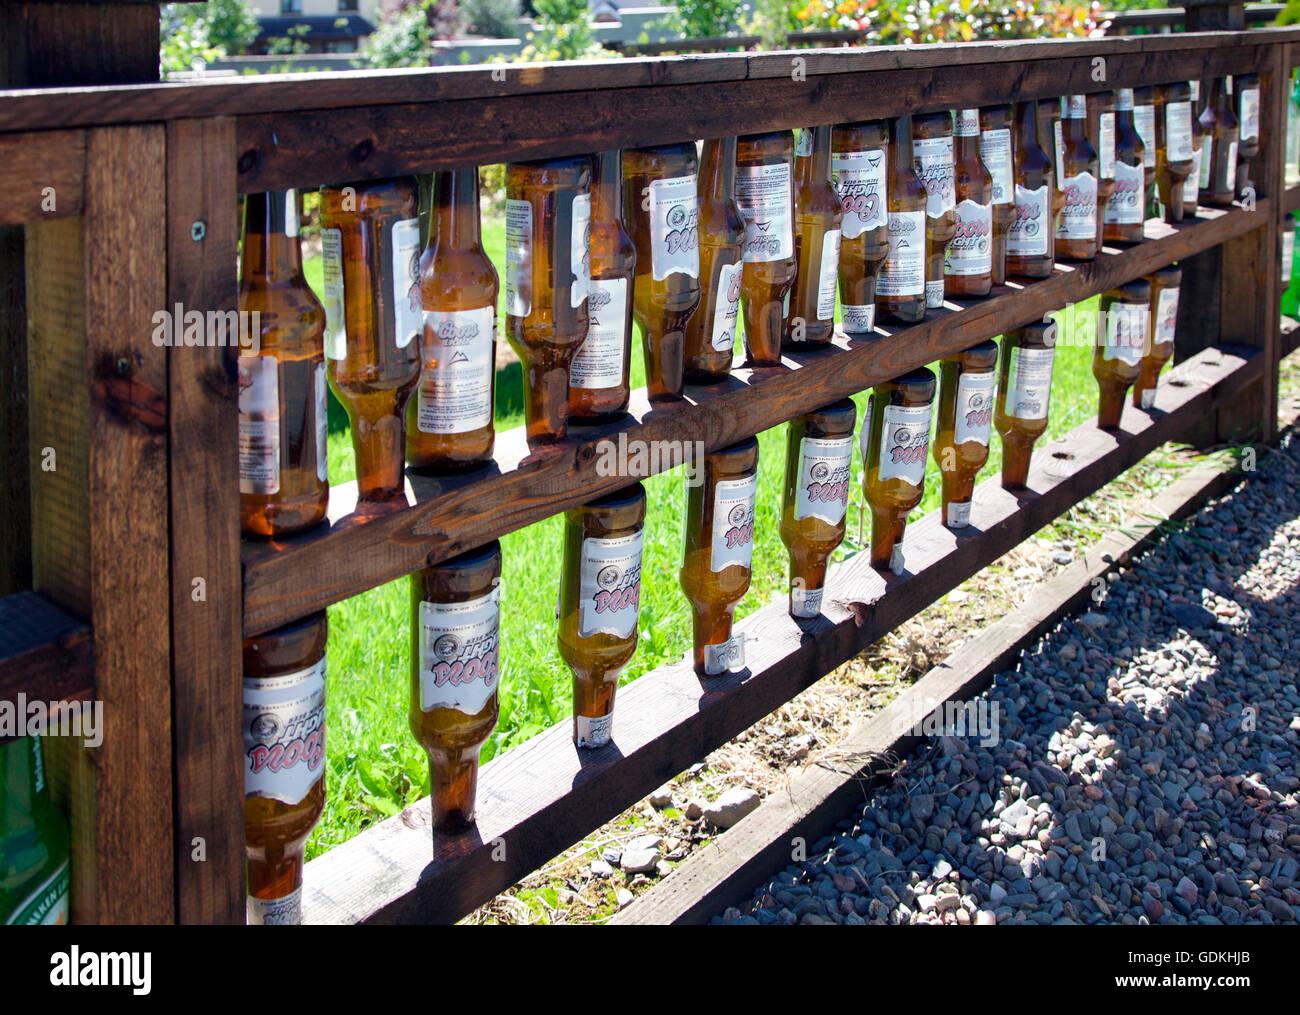 Coors Bier Flaschen Zaun Carrickmacross Kleingarten Stockfoto Bild